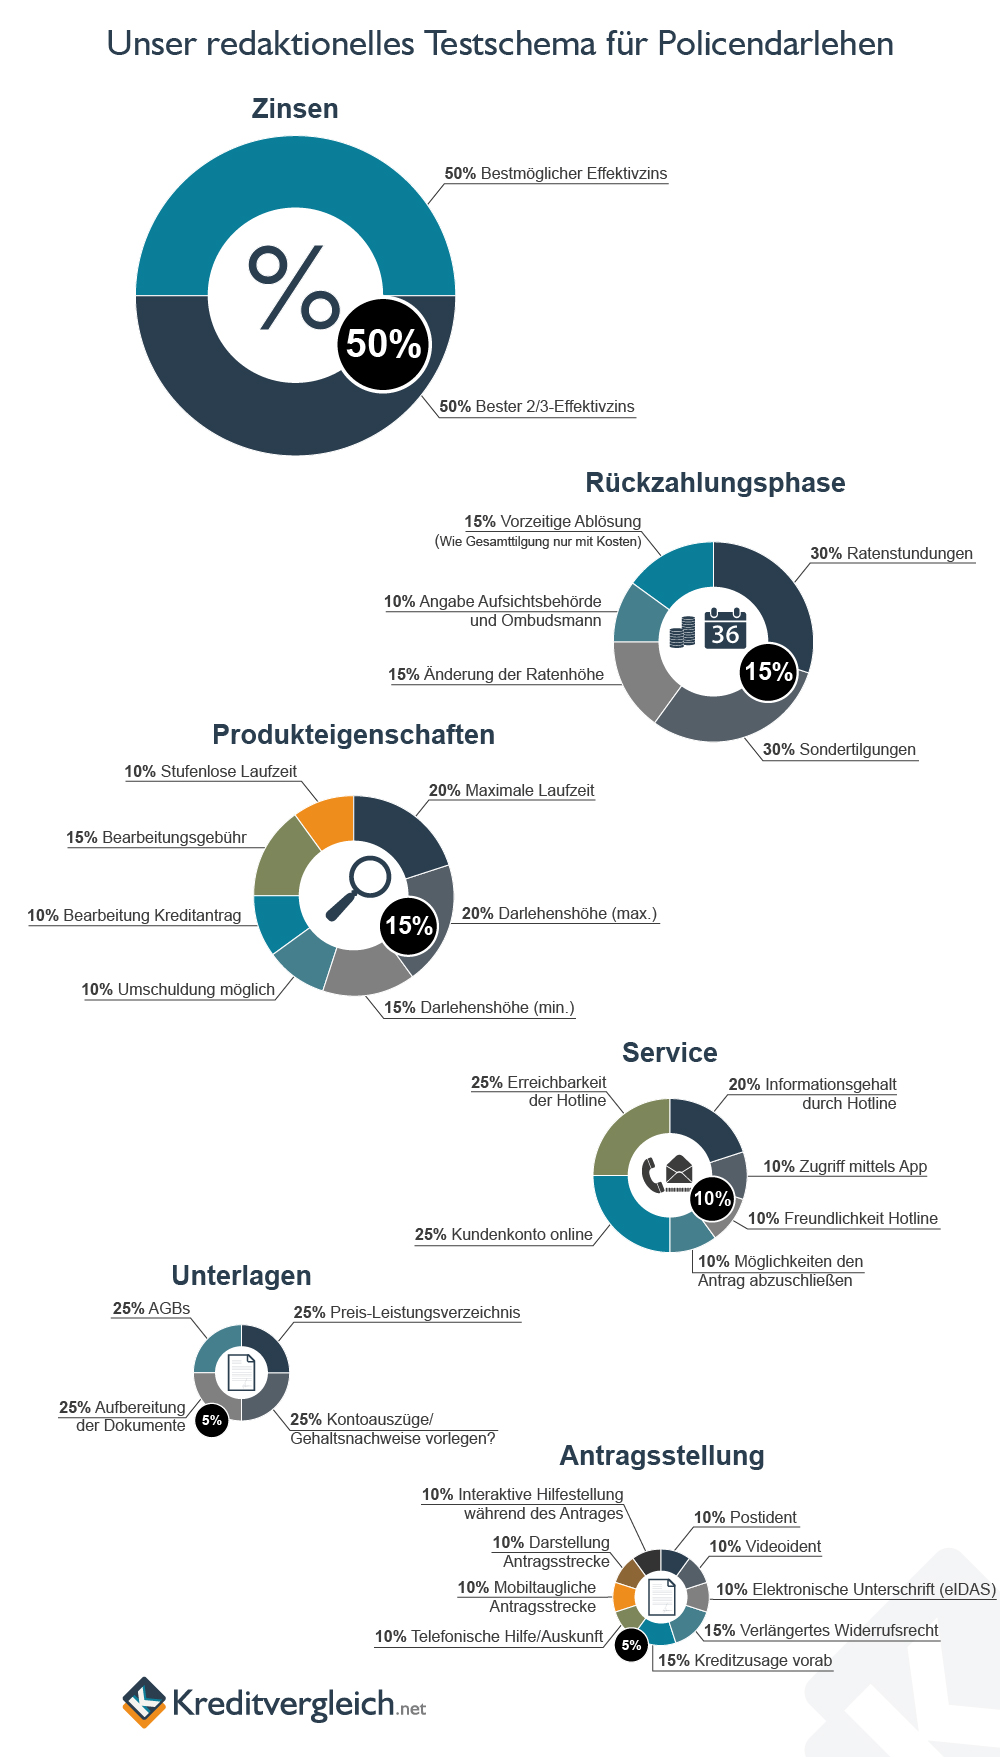 Eine Infografik mit Kreisdiagrammen über unser redaktionelles Testschema für Policendarlehen